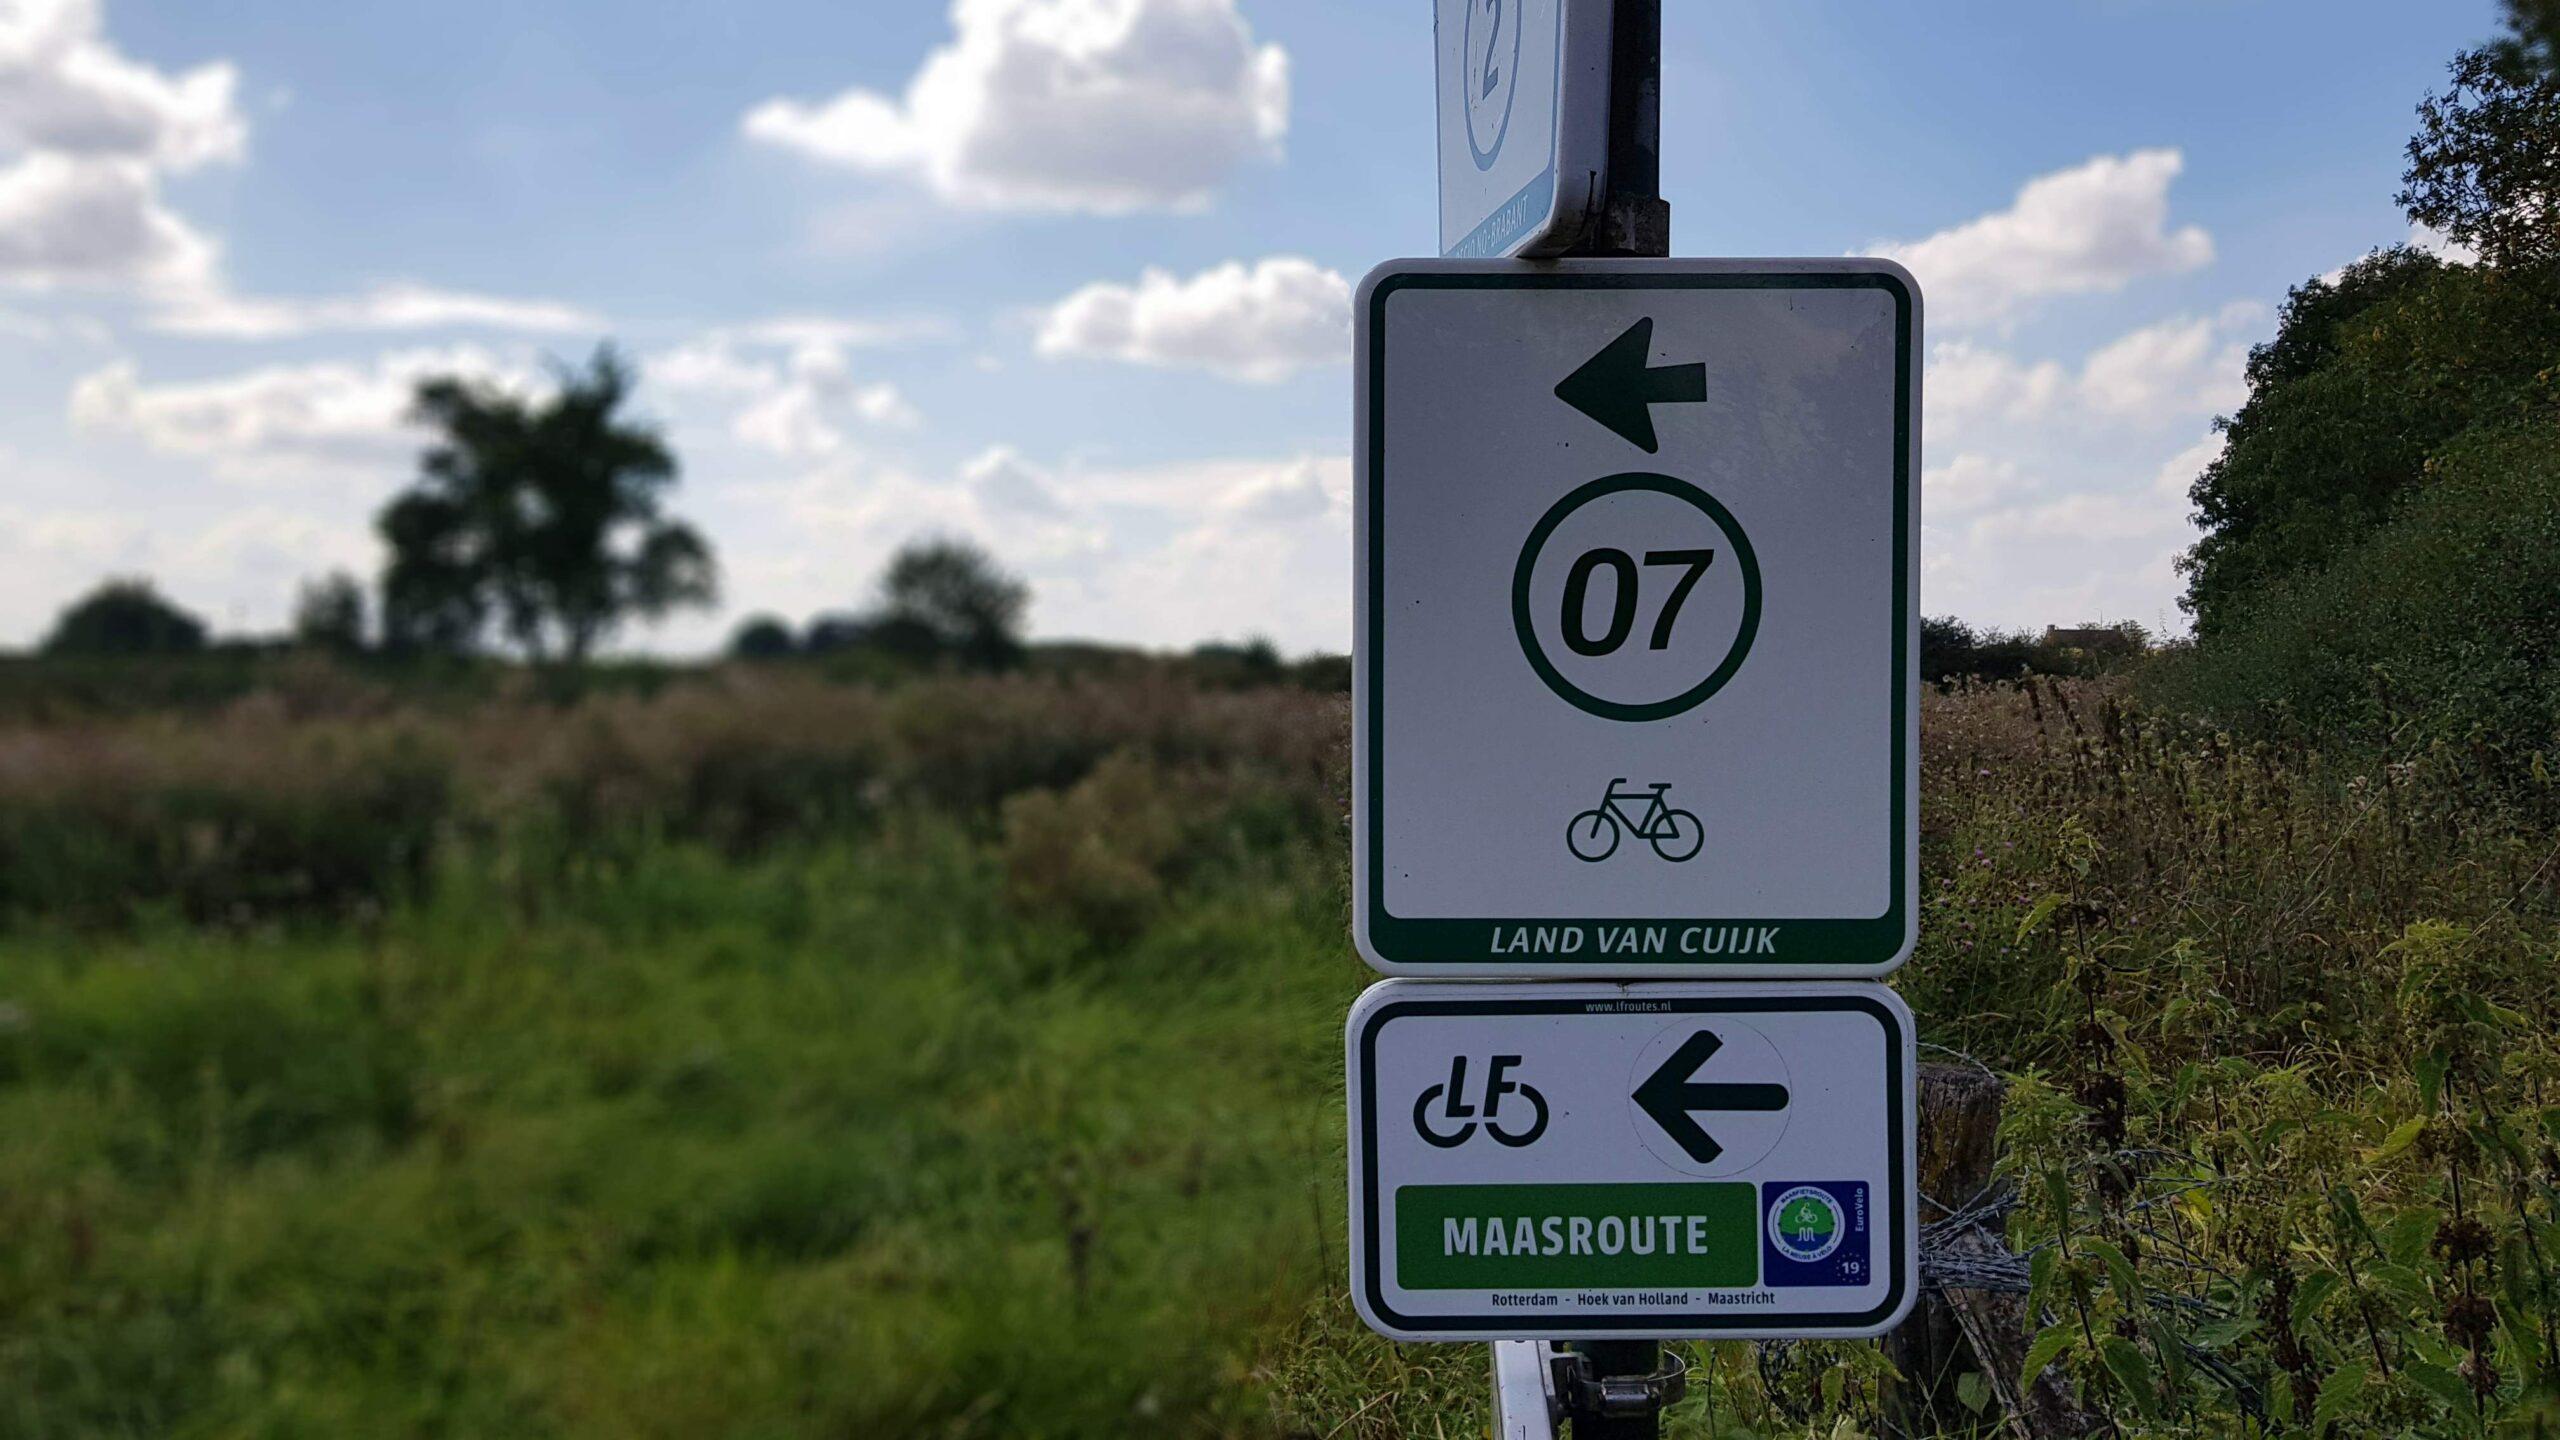 Ronde-van-Nederland-op-de-fiets-Maasroute